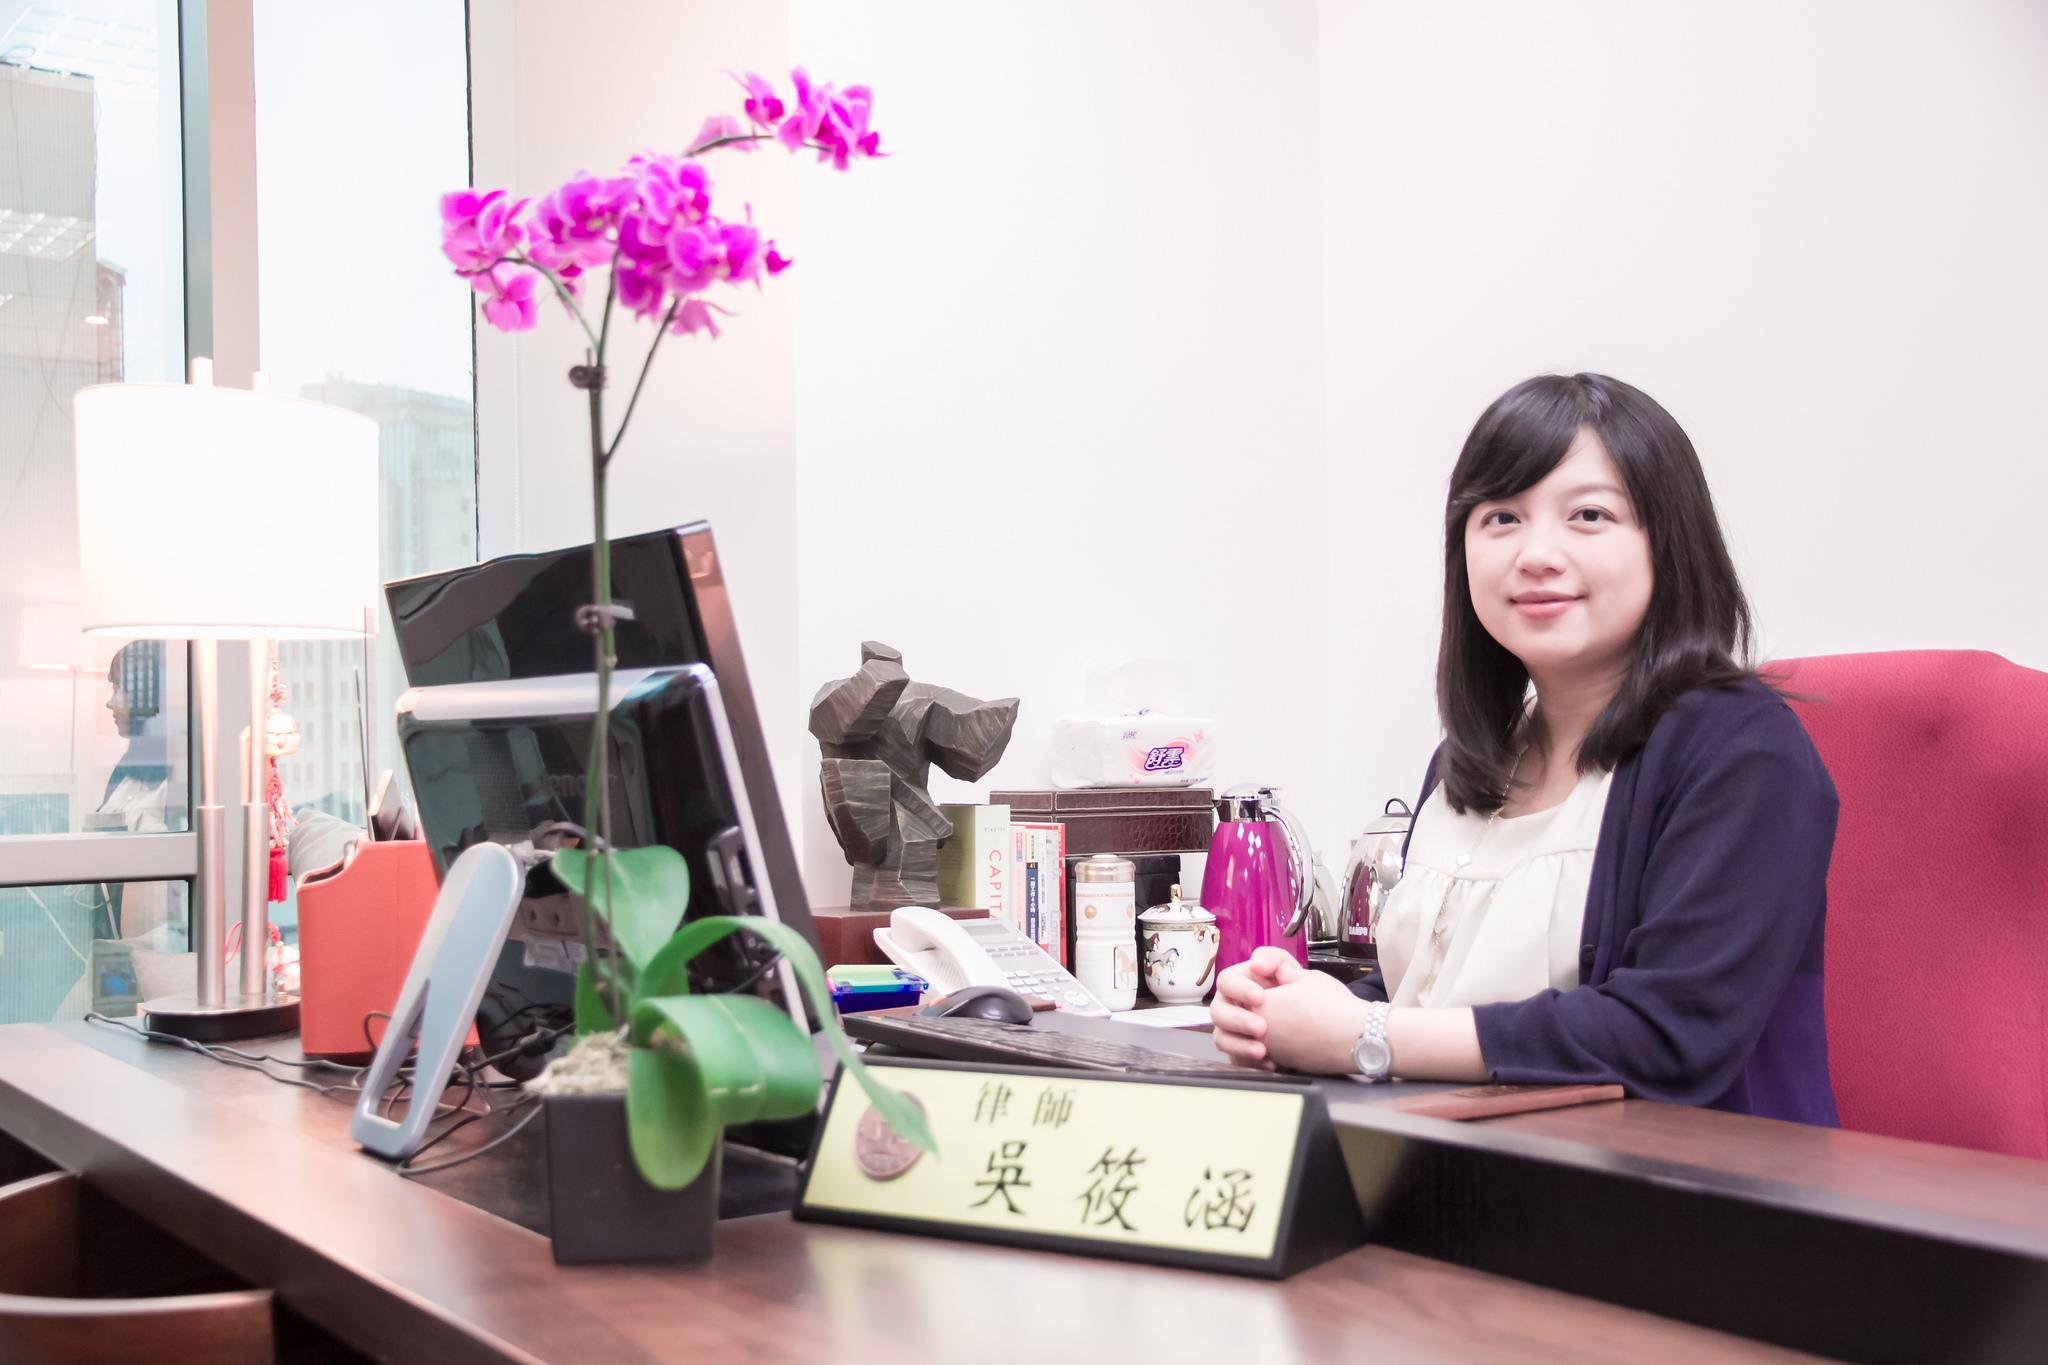 突破女人需同時「家庭」和 「事業」兼得迷思的合夥人律師吳筱涵